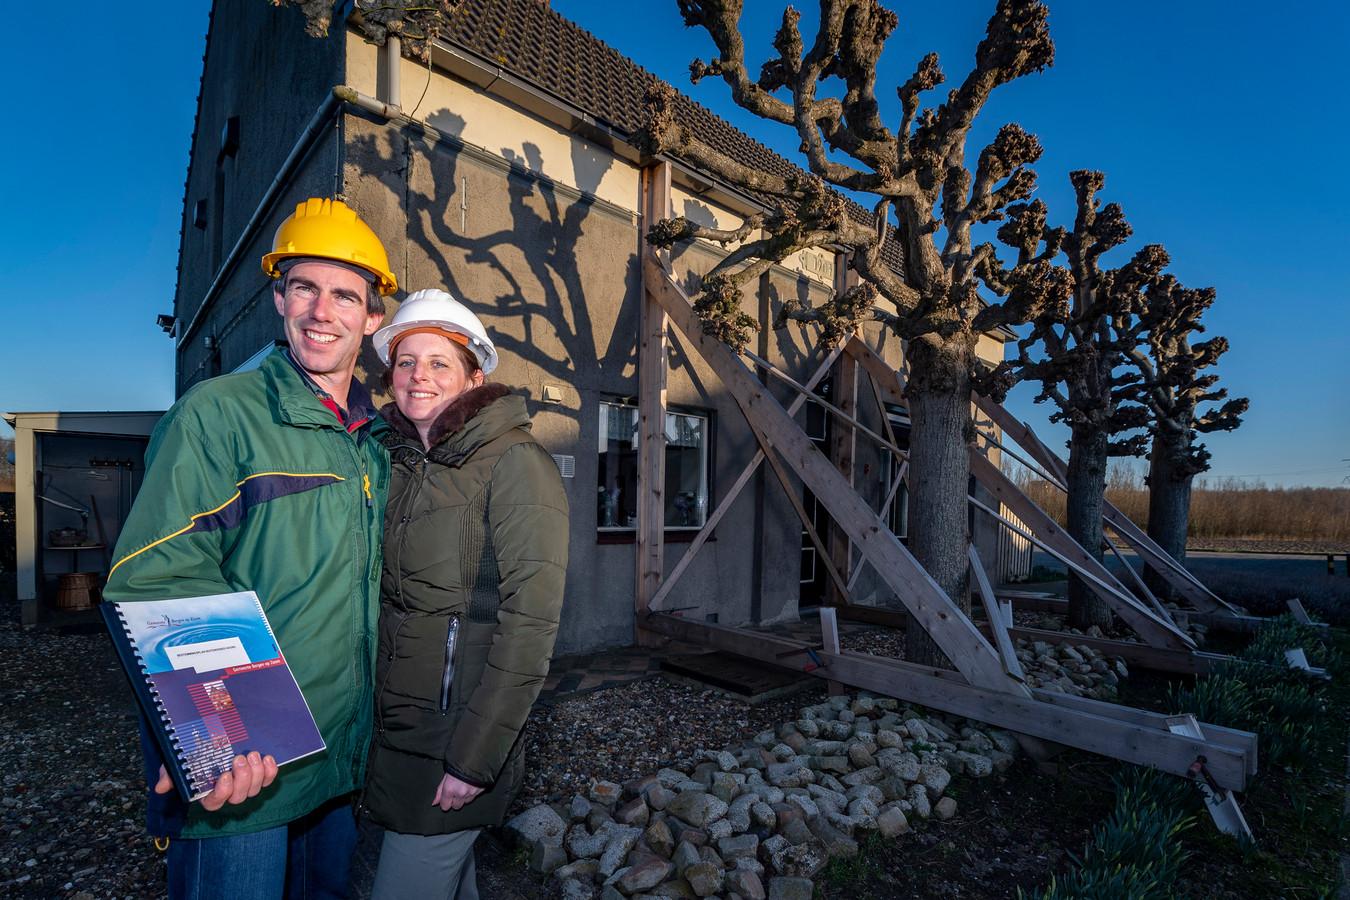 Eric-Jan van Trijen en zijn vrouw Lieke bij hun gestutte huis. Nieuwbouw is nog ver weg.